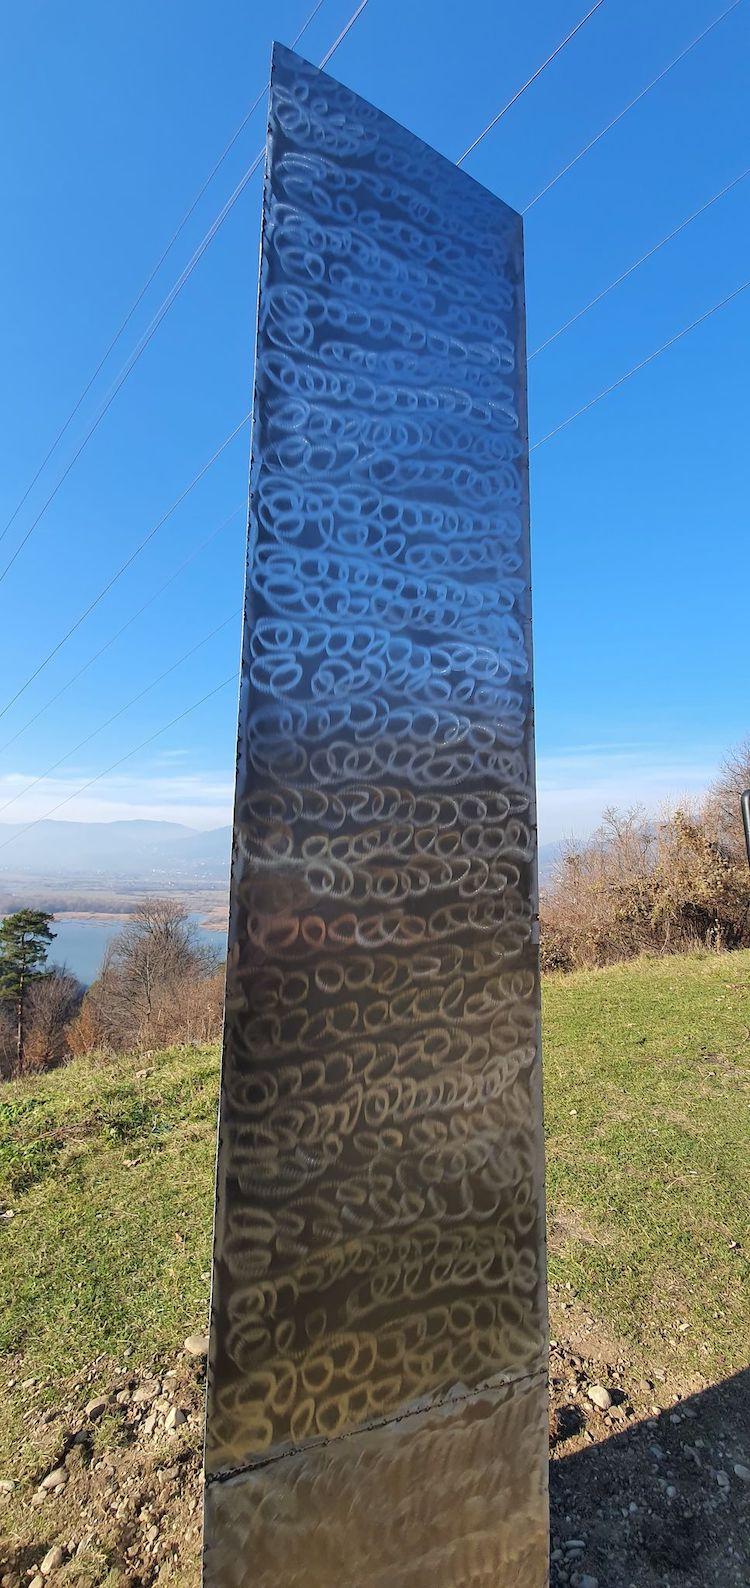 Markings on Romanian Metal Monolith